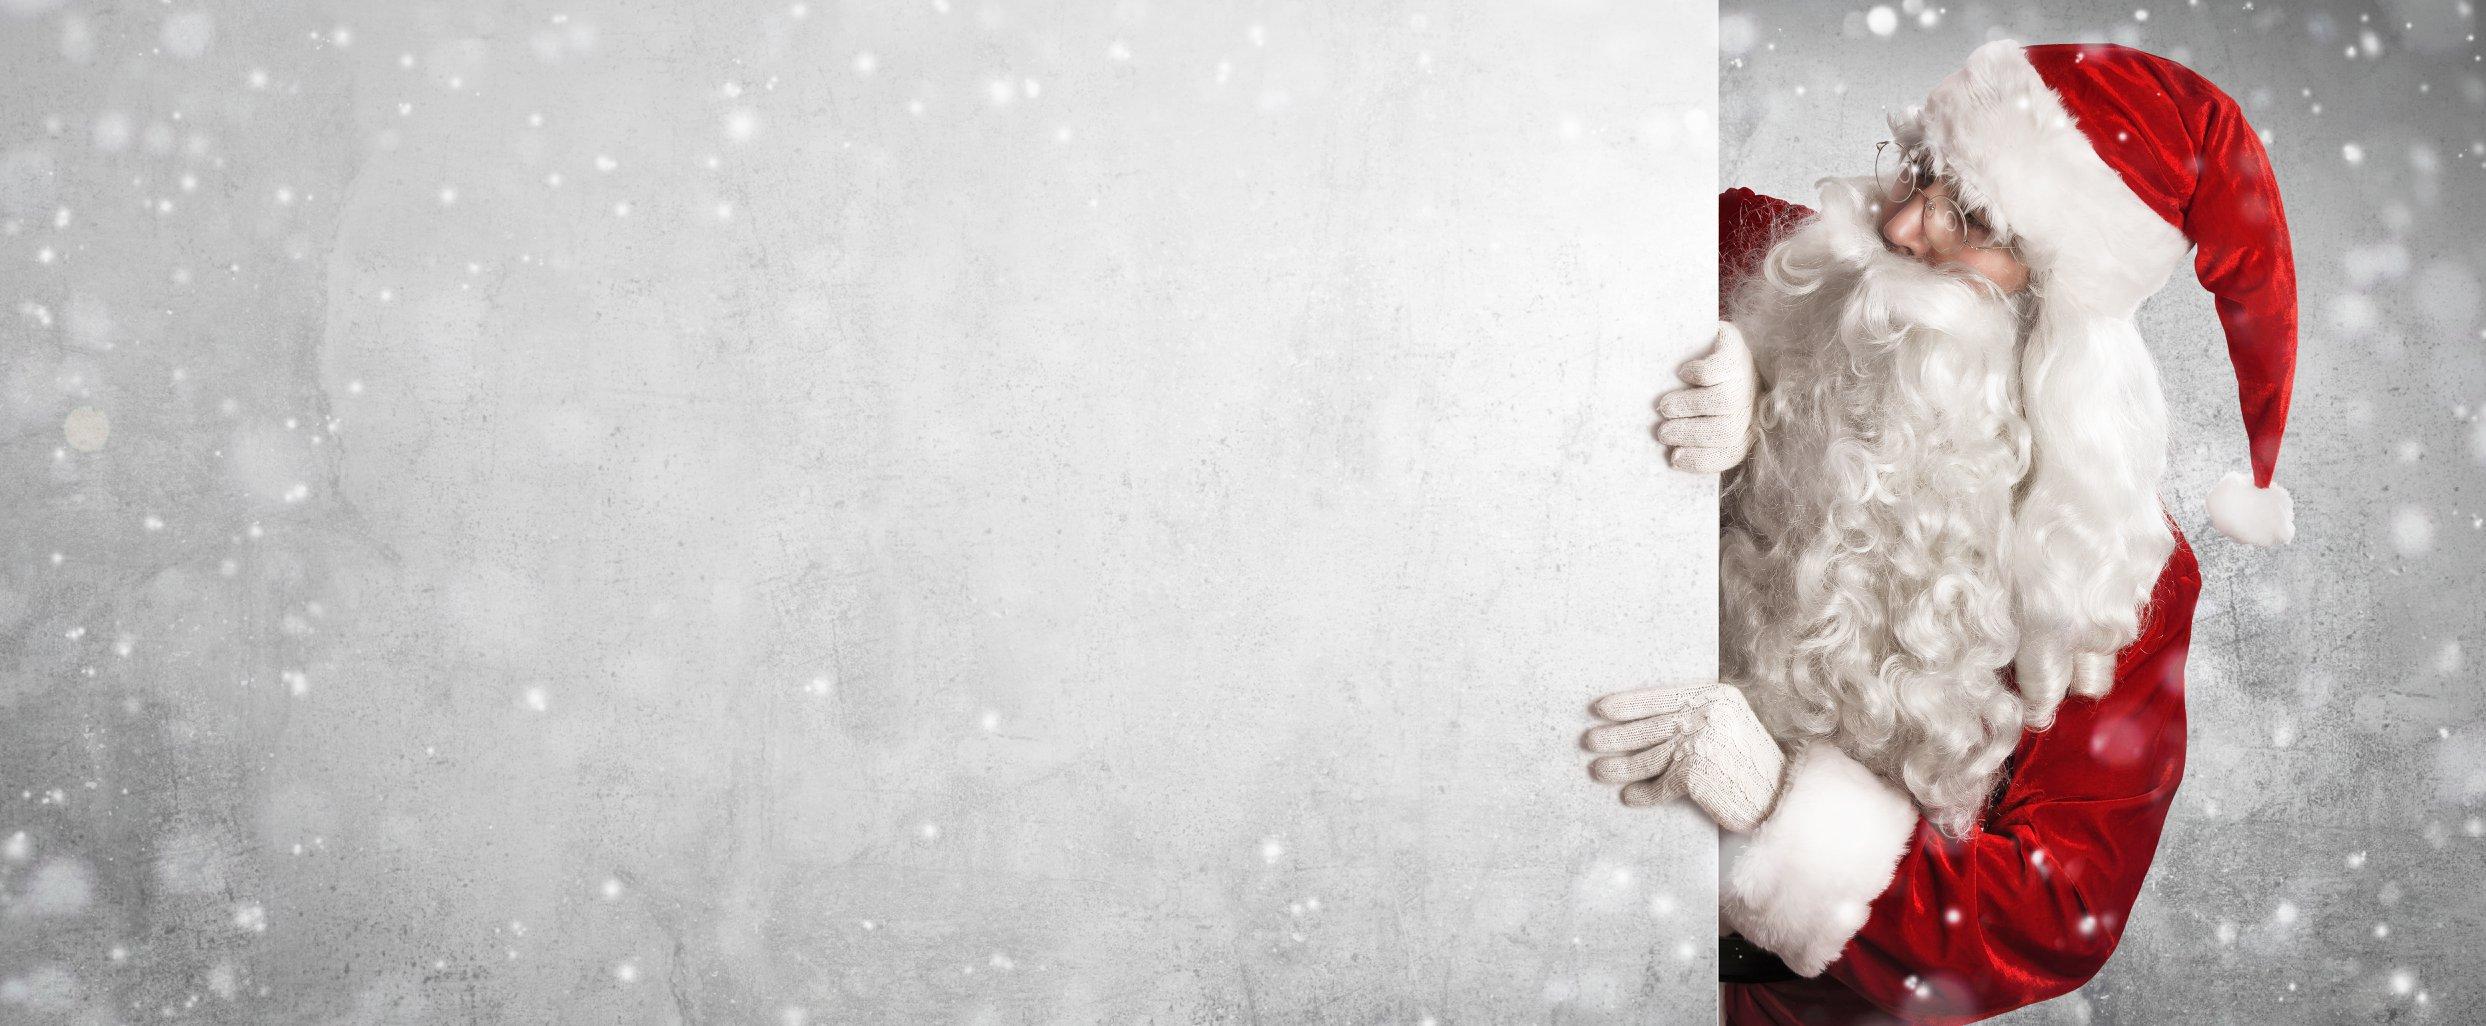 كفرات فيس بوك راس السنه و الكريسماس 3 غلاف فيس بوك رأس السنة و الكريسماس